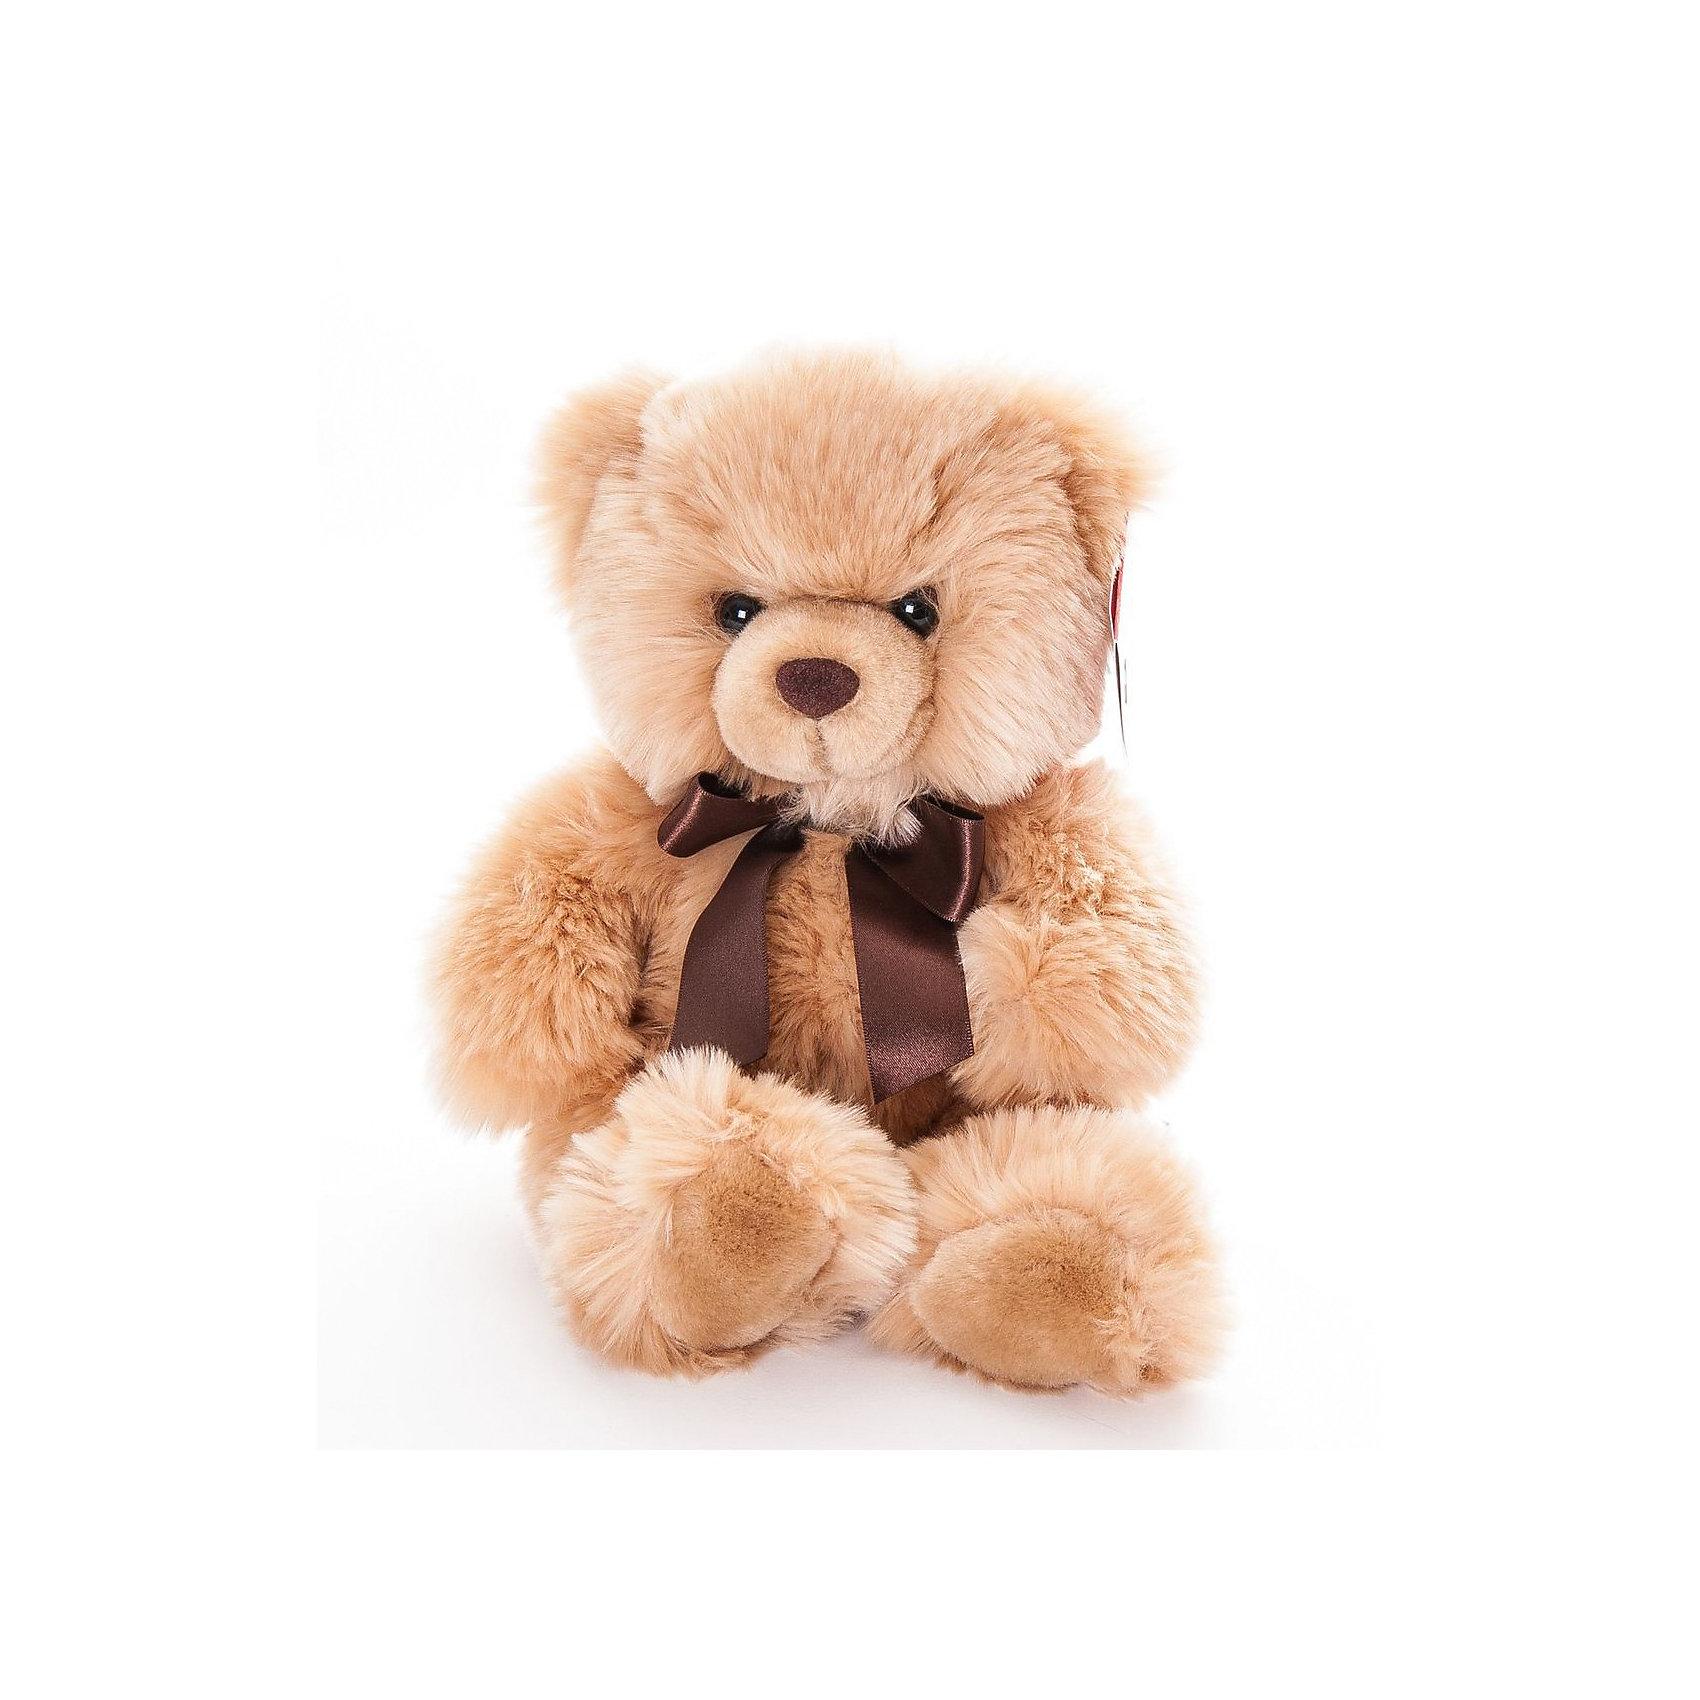 AURORA AURORA Мягкая игрушка Медведь, 30 см aurora медведь медовый с бантом 69см 30 249